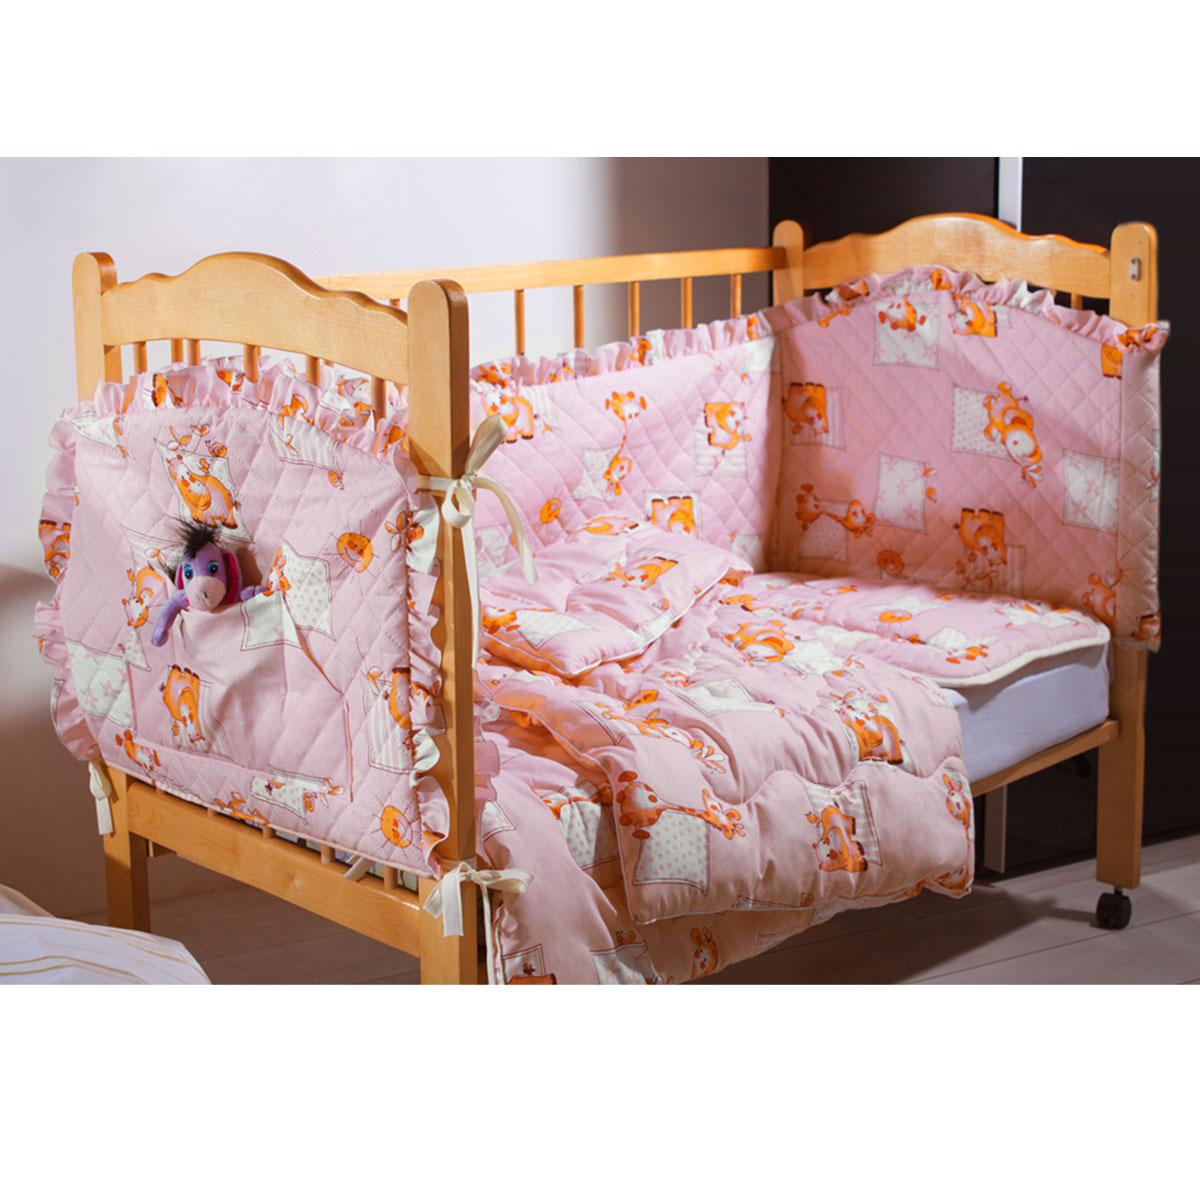 """Комплект в кроватку Primavelle """"Кроха"""", цвет: розовый, 5 предметов. 601104005-26"""